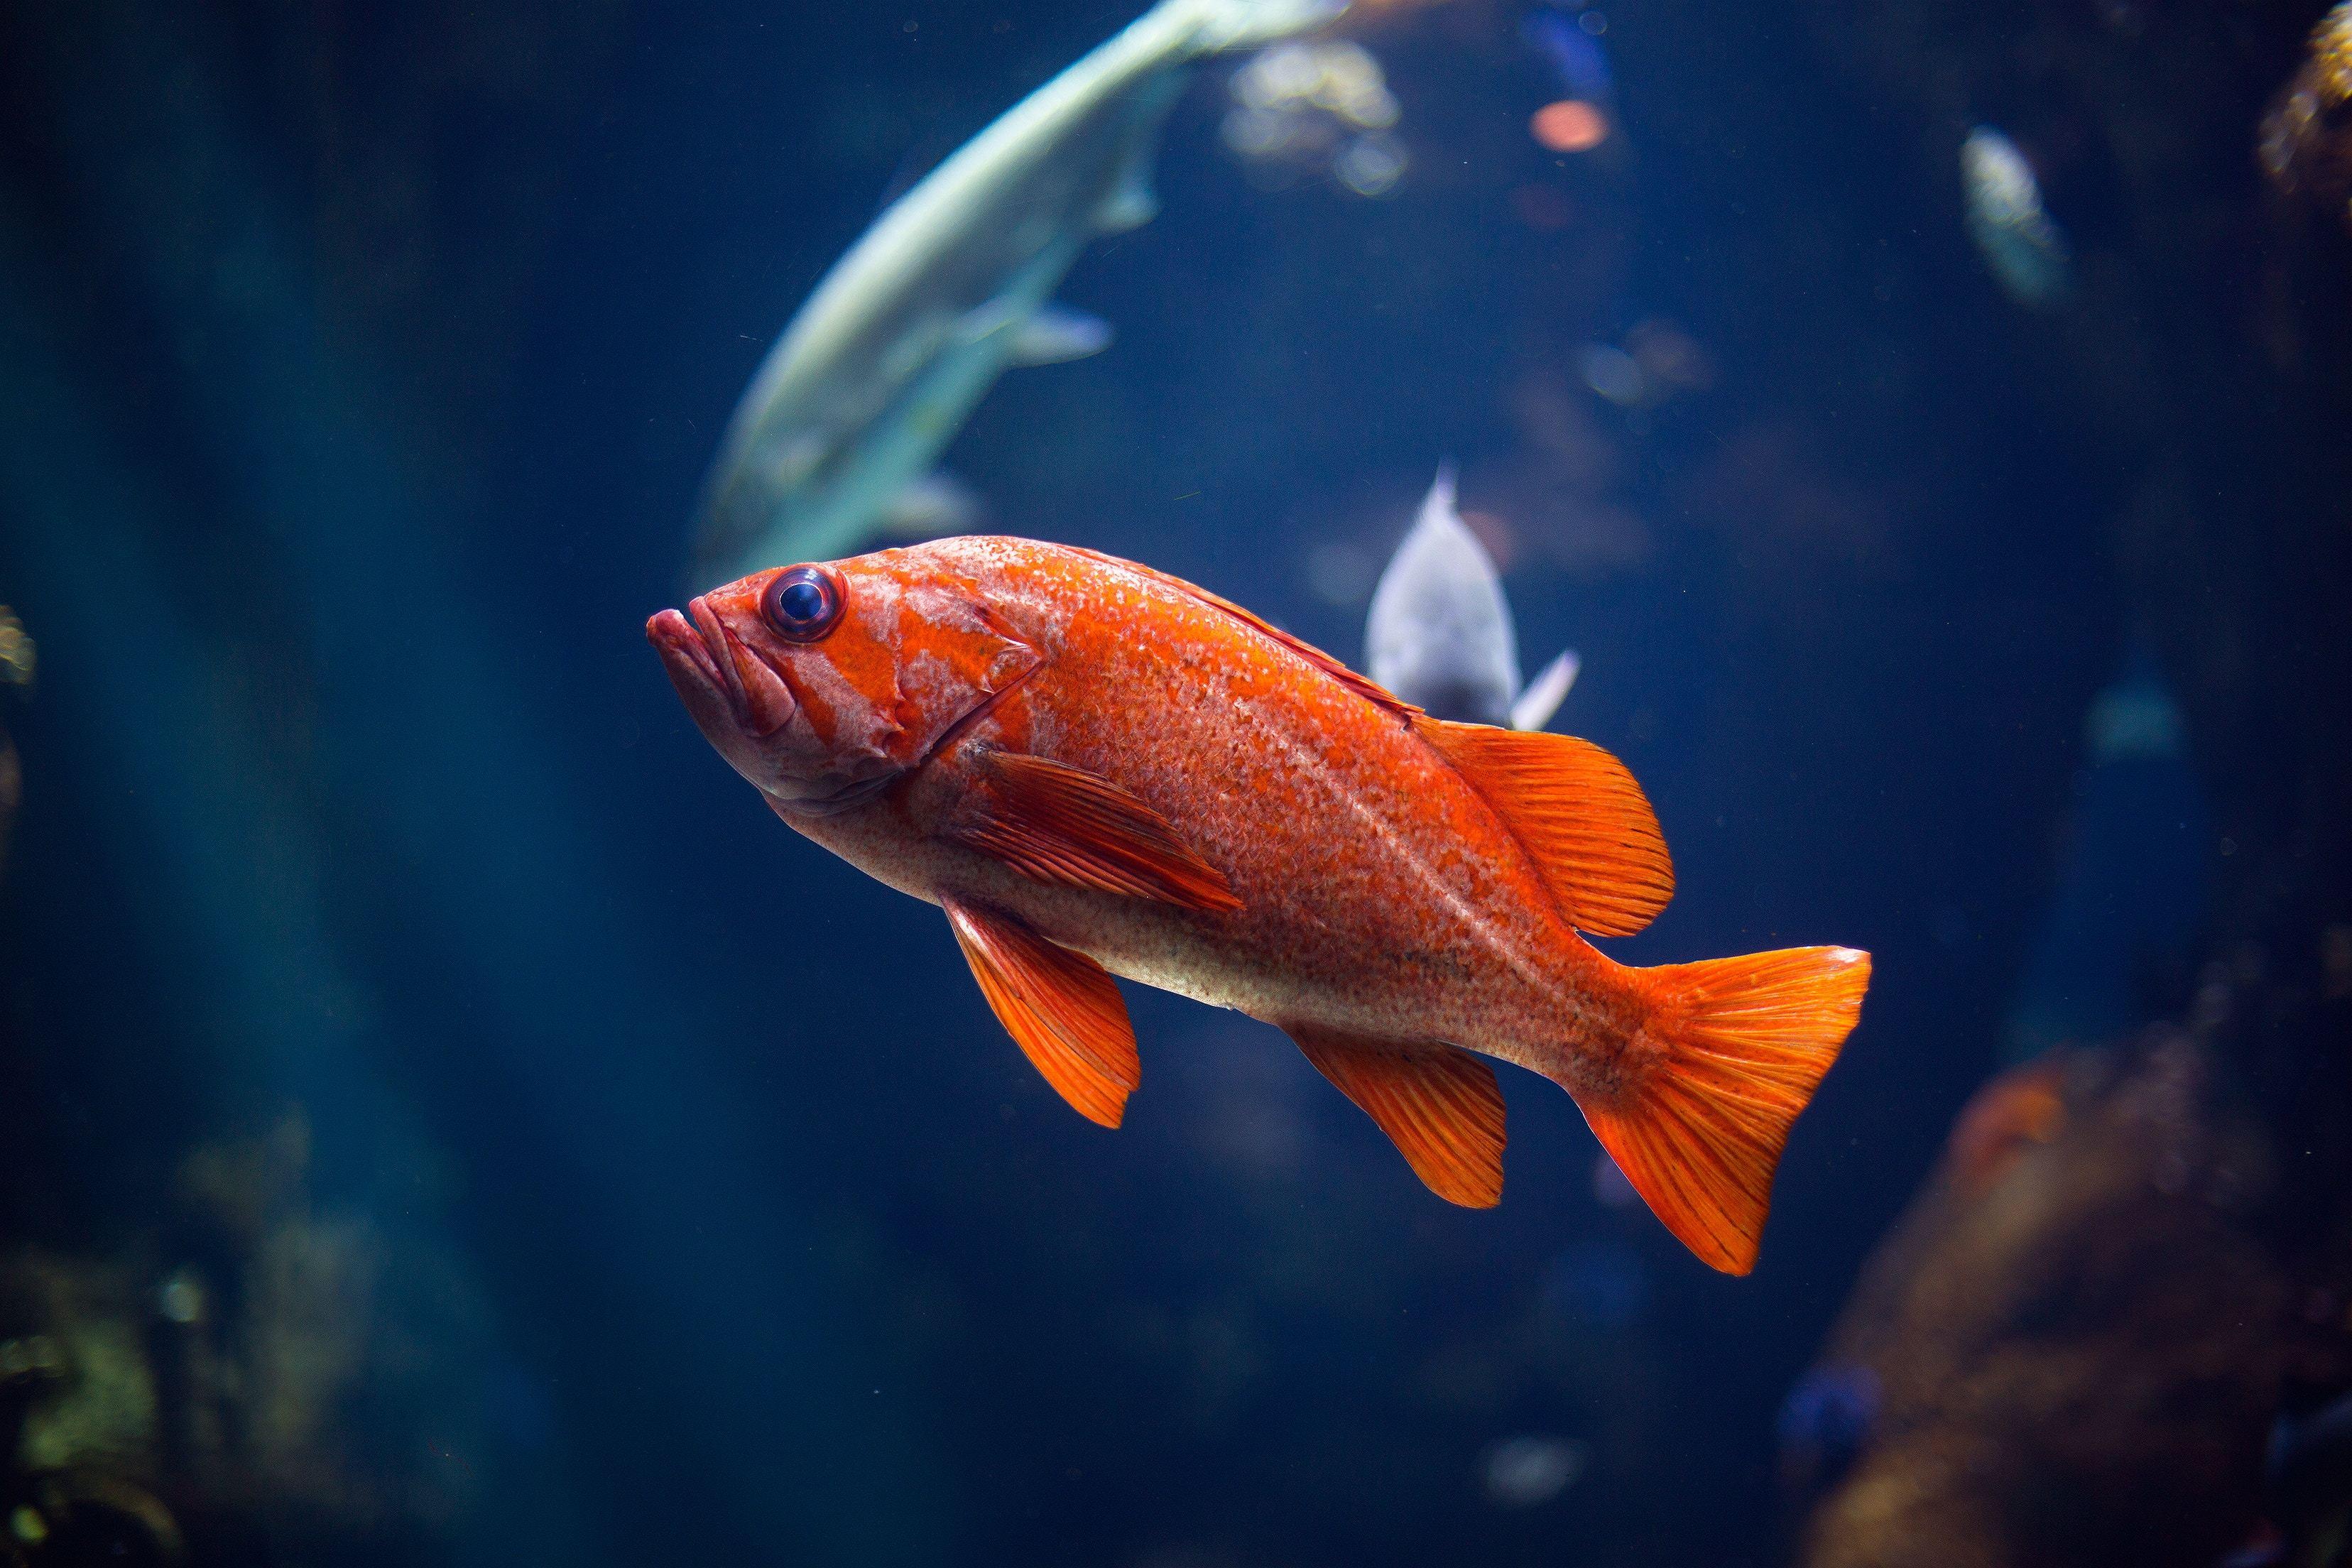 Картинка: Рыба, чешуя, плавники, глаз, вода, свет